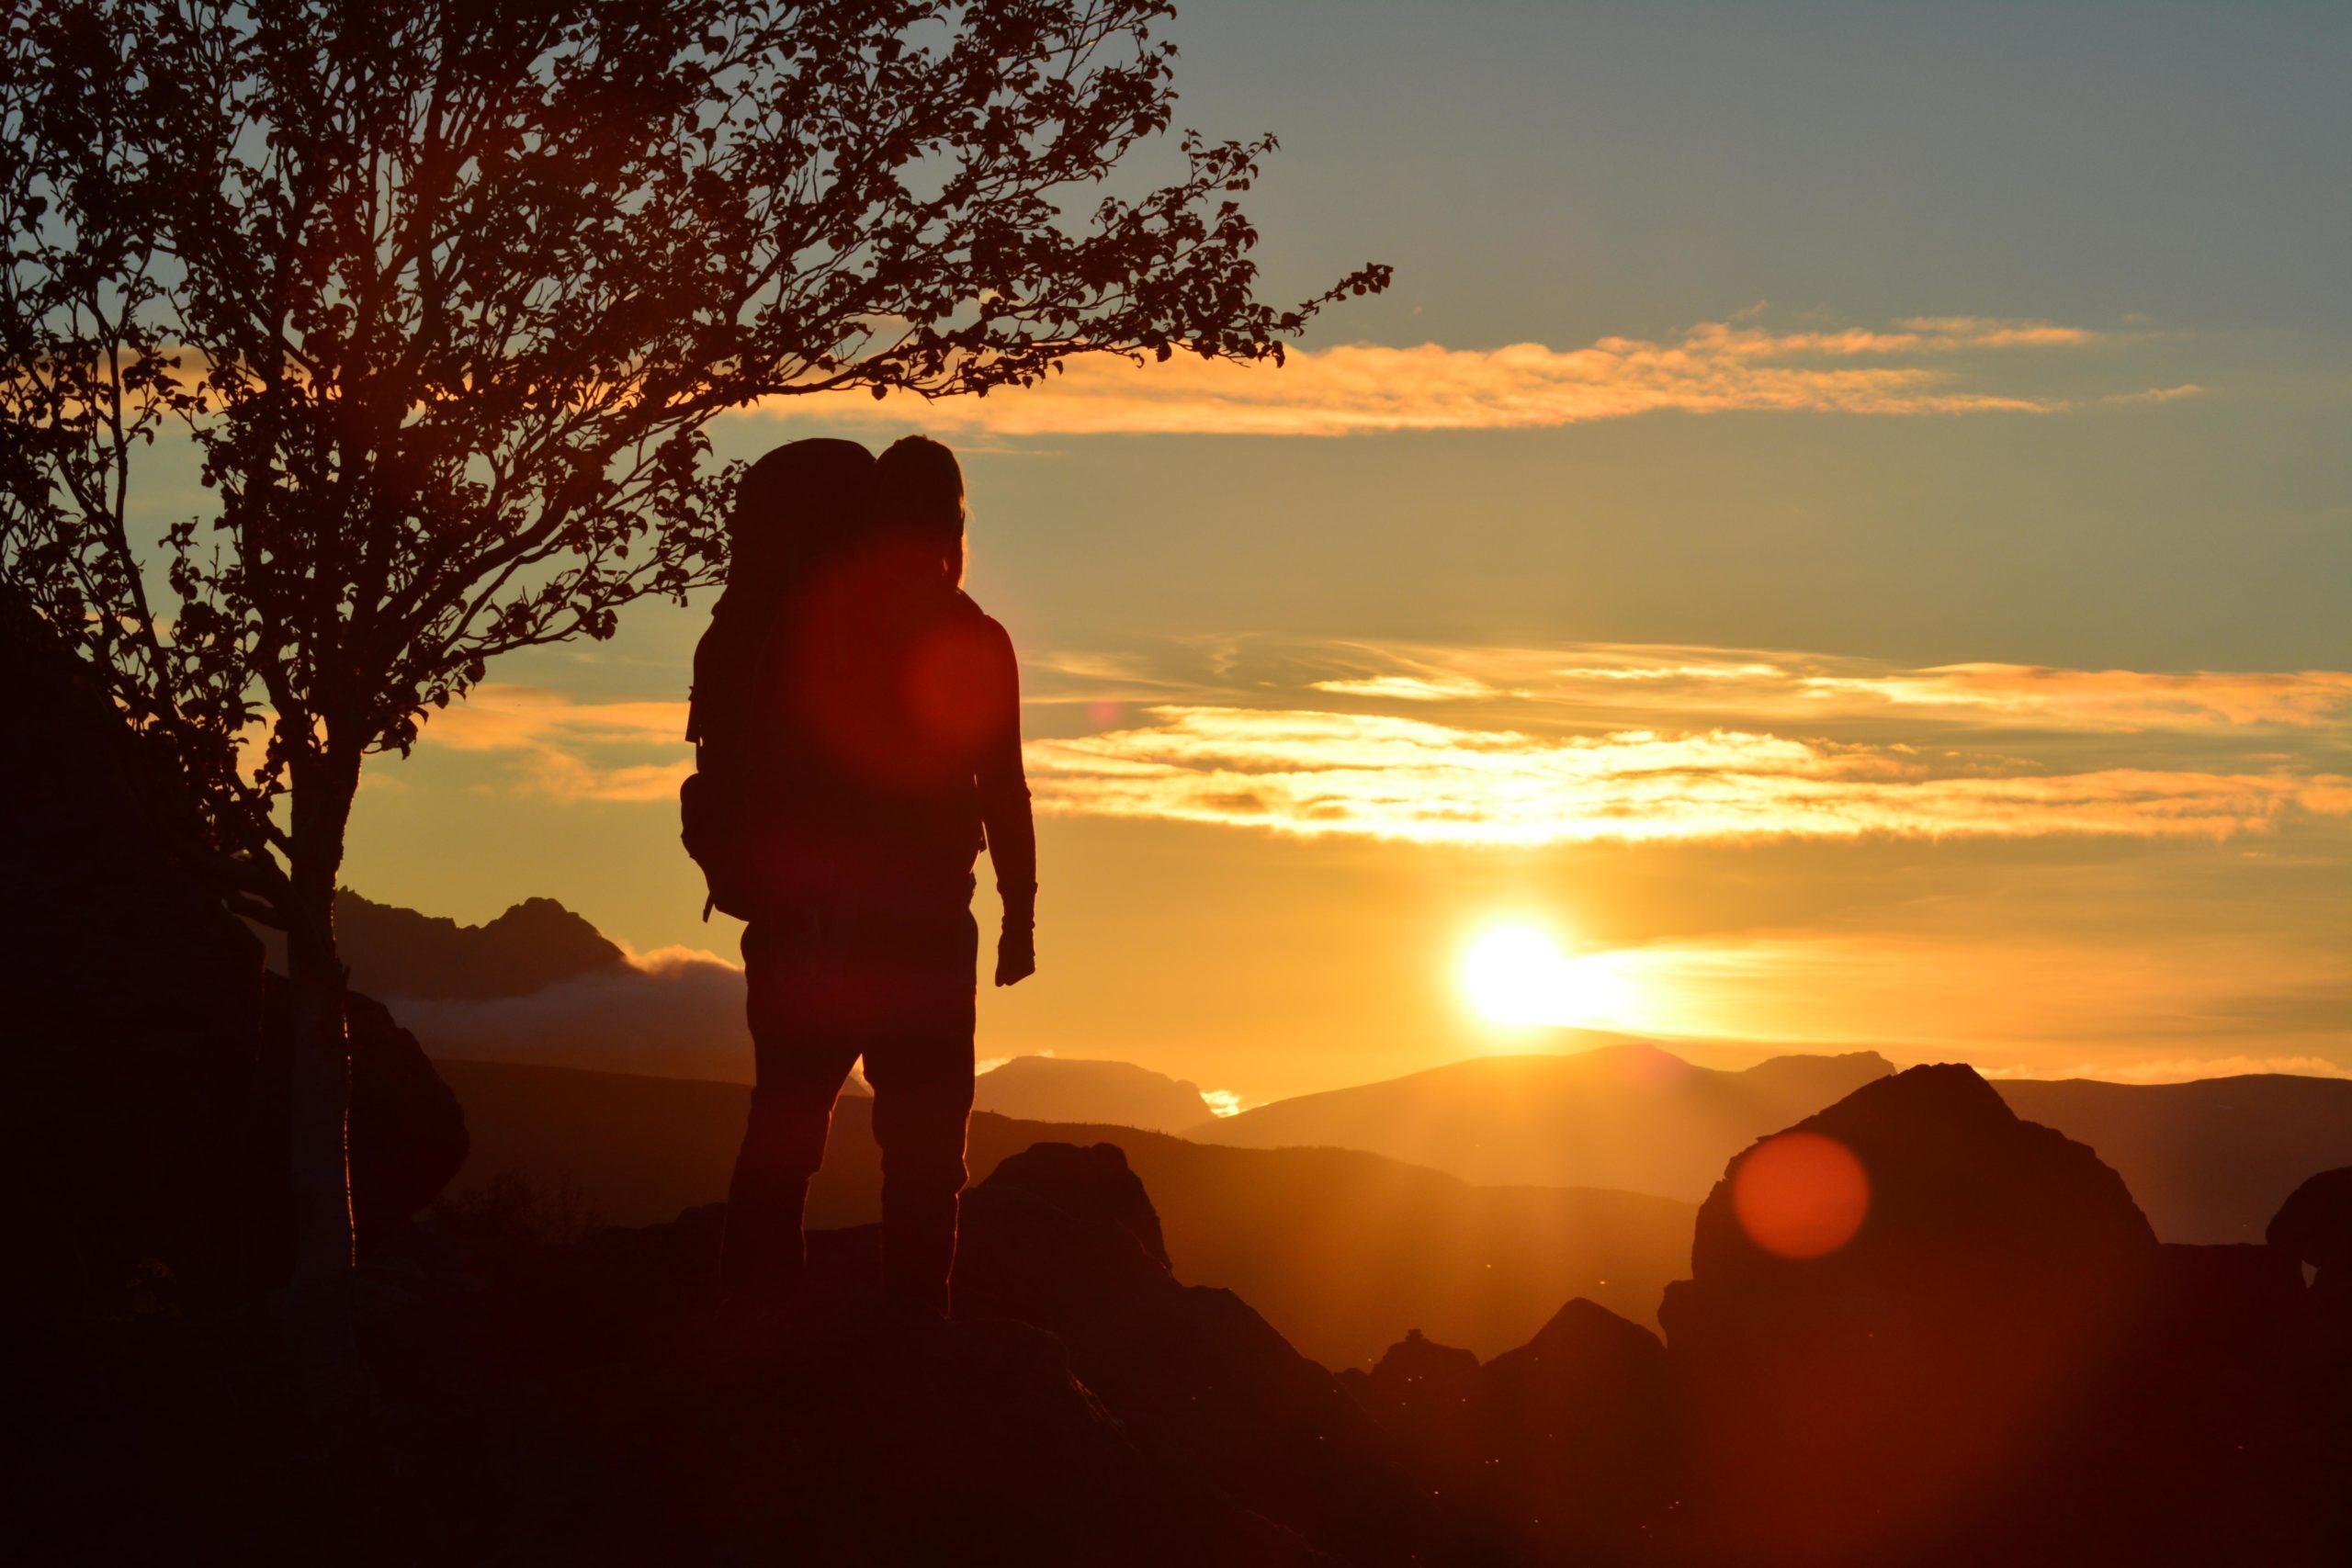 På tur til blåvannet, i vakker solnedgang | Bildet er fra DNTs fotokonkurranse-runder i 2016.